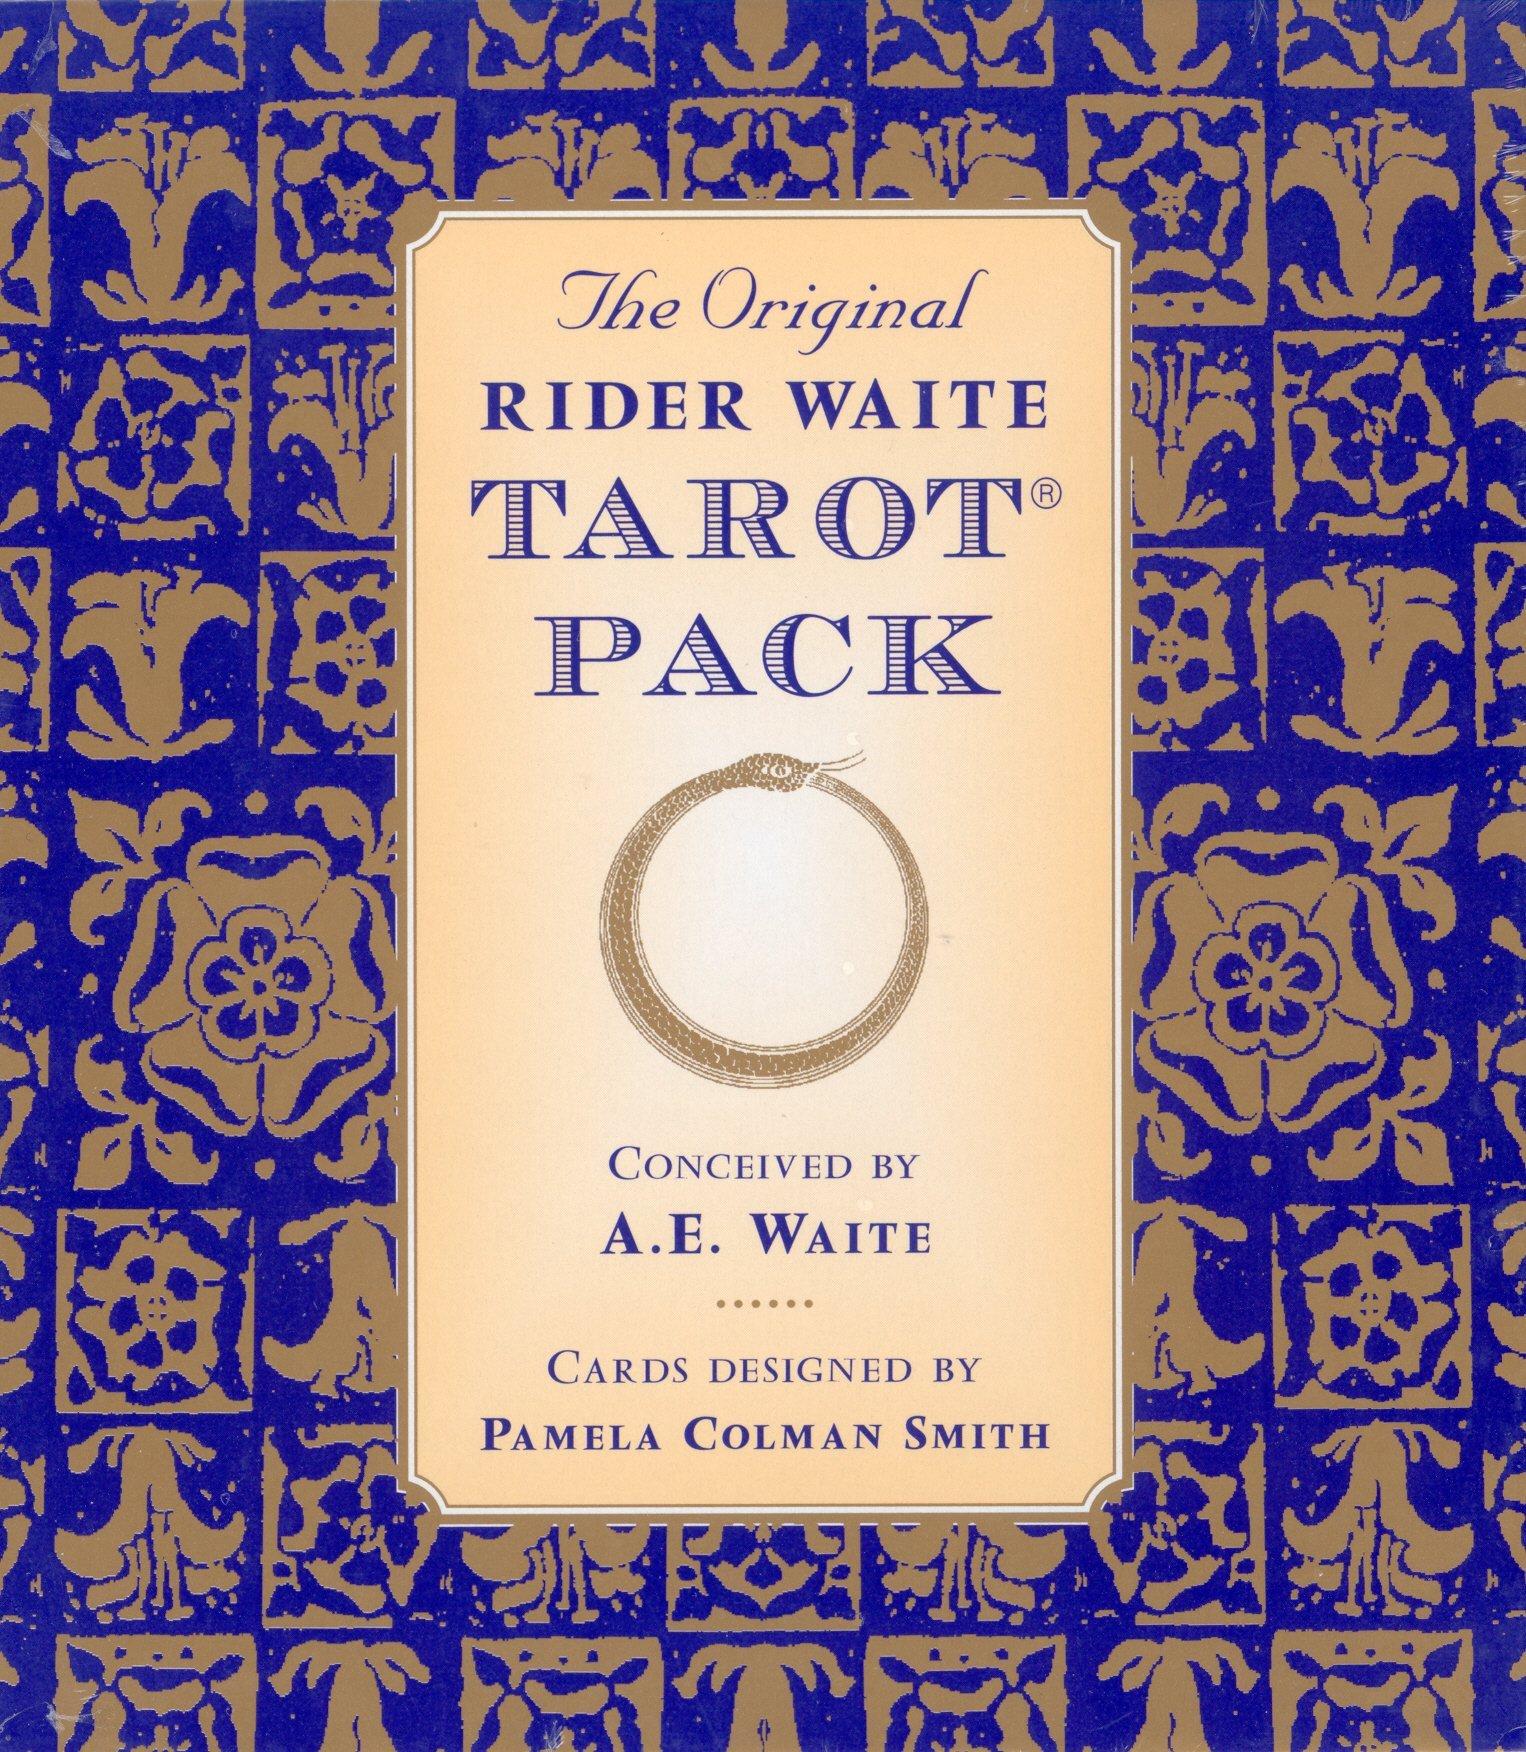 The Original Rider Waite Tarot Pack: Amazon.es: Waite, A.E., Colman Smith, Pamela: Libros en idiomas extranjeros